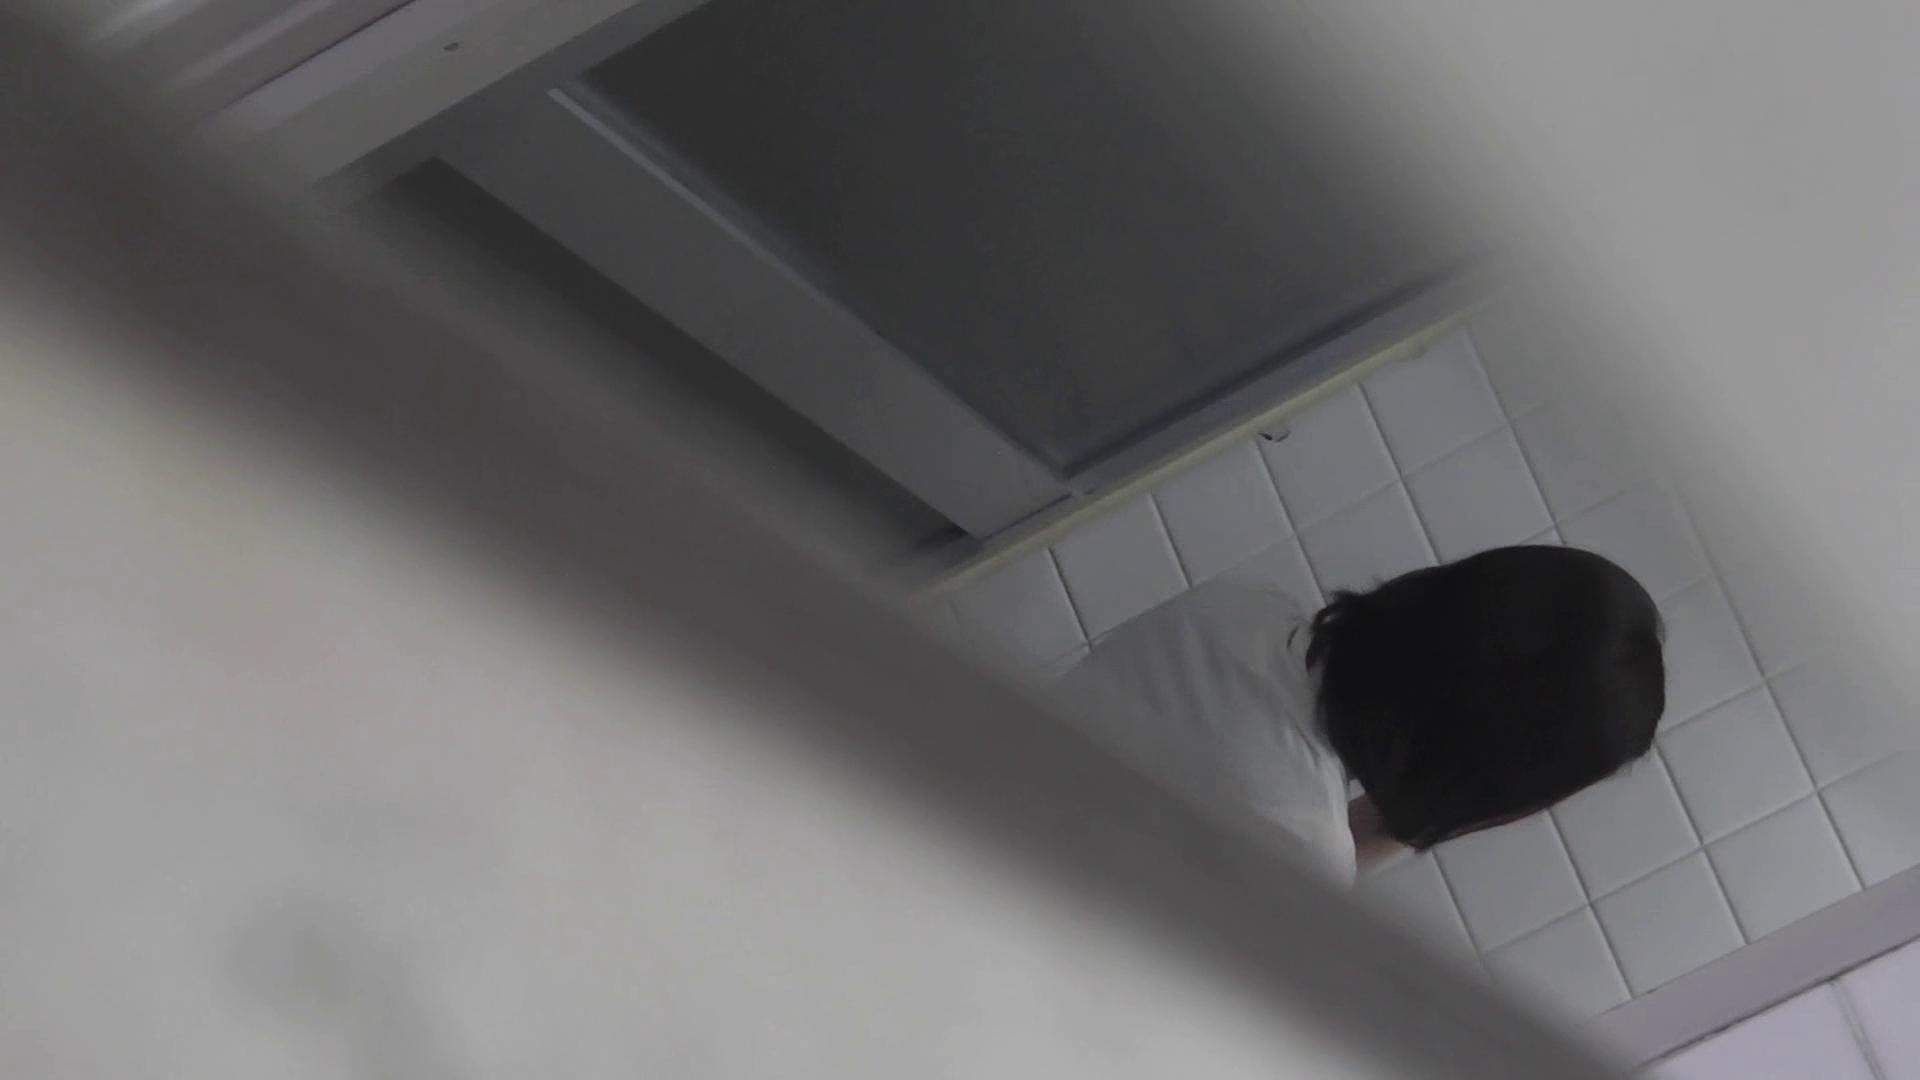 【美しき個室な世界】 vol.025 メガネ属性ヾ(´∀`)ノ 高画質動画 性交動画流出 63画像 23